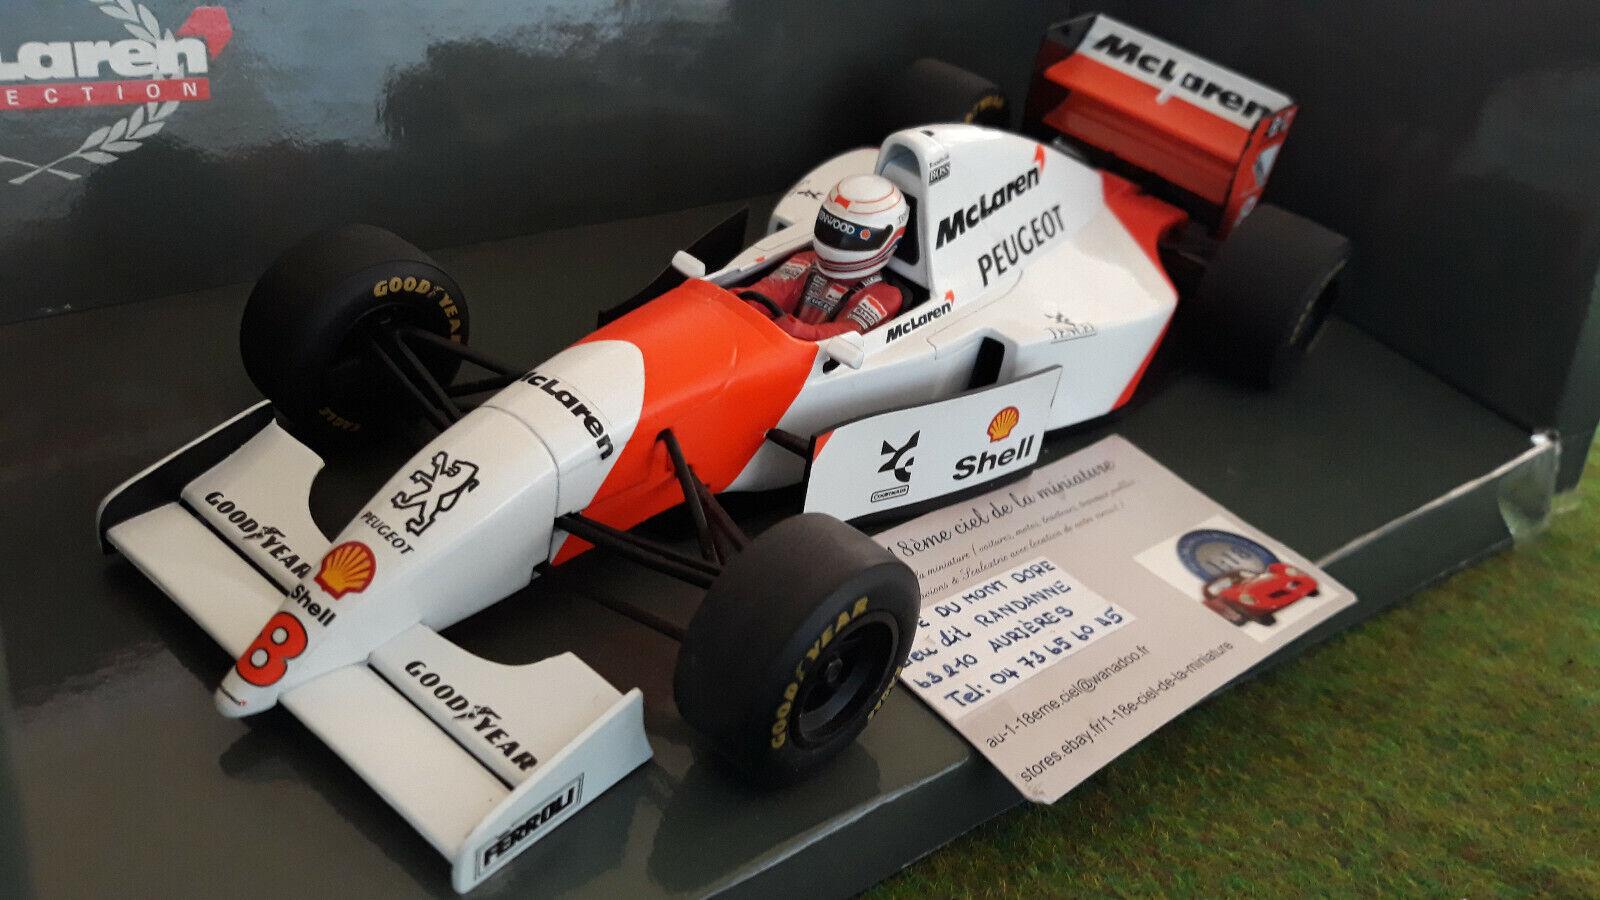 F1 McLAREN PEUGEOT MP4 9 formule 1   8 BRUNDLE 1994 au 1 18 MINICHAMPS 530941808